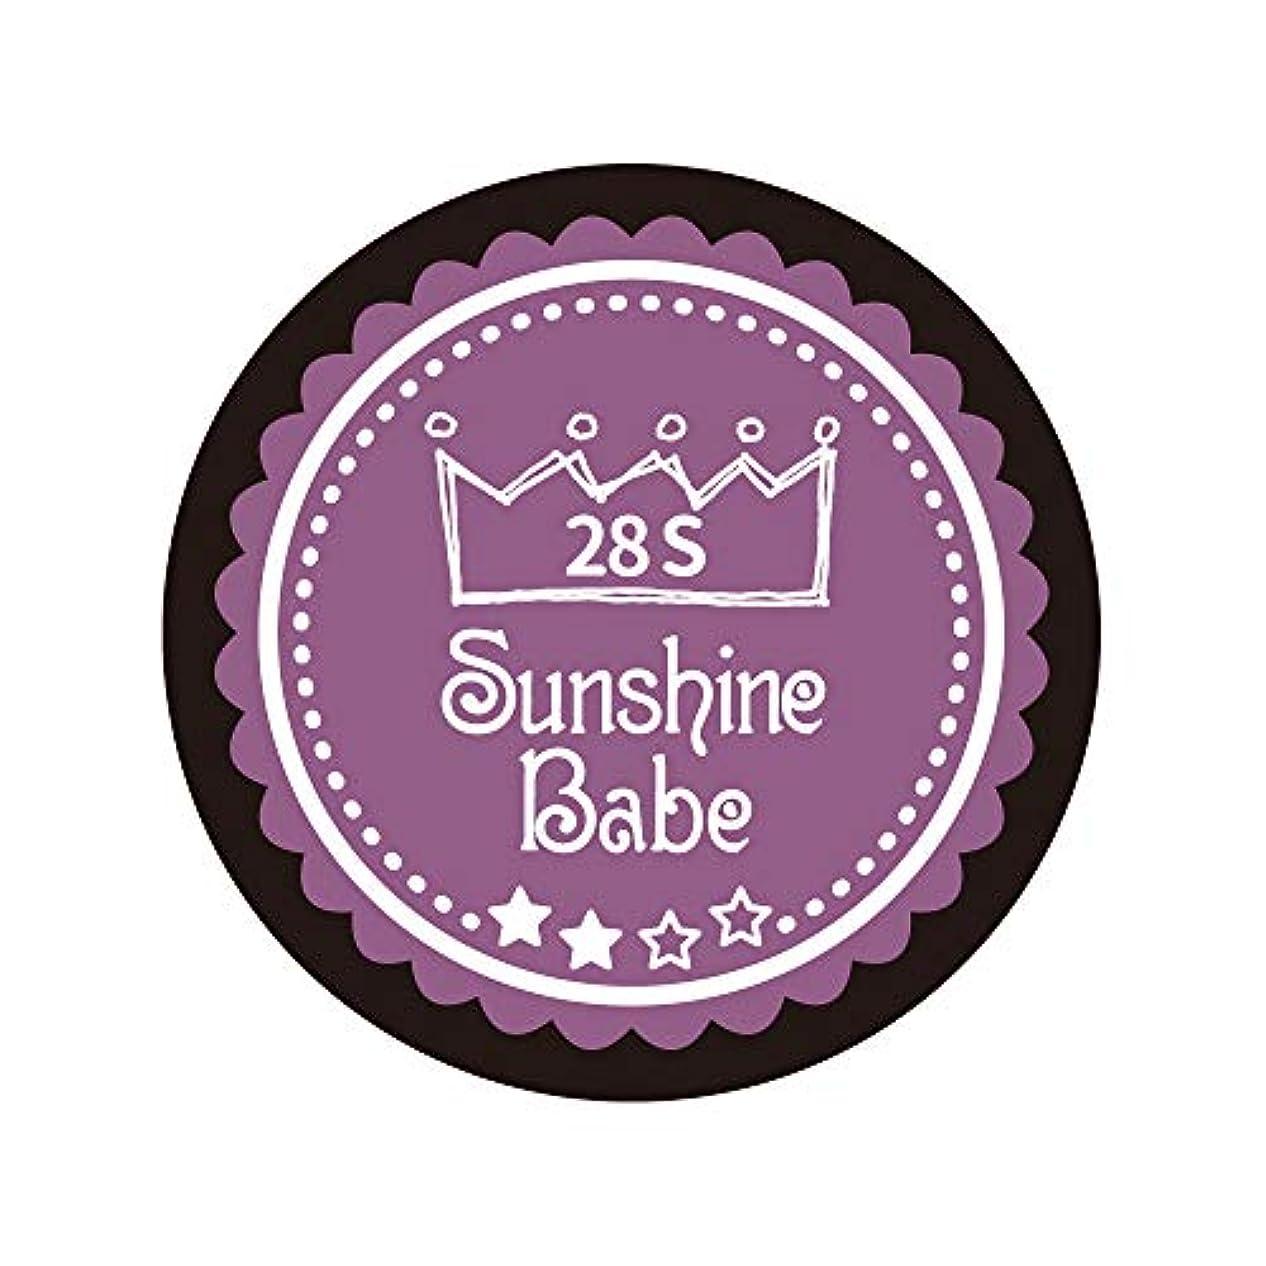 引き渡す符号最高Sunshine Babe カラージェル 28S パンジーパープル 2.7g UV/LED対応